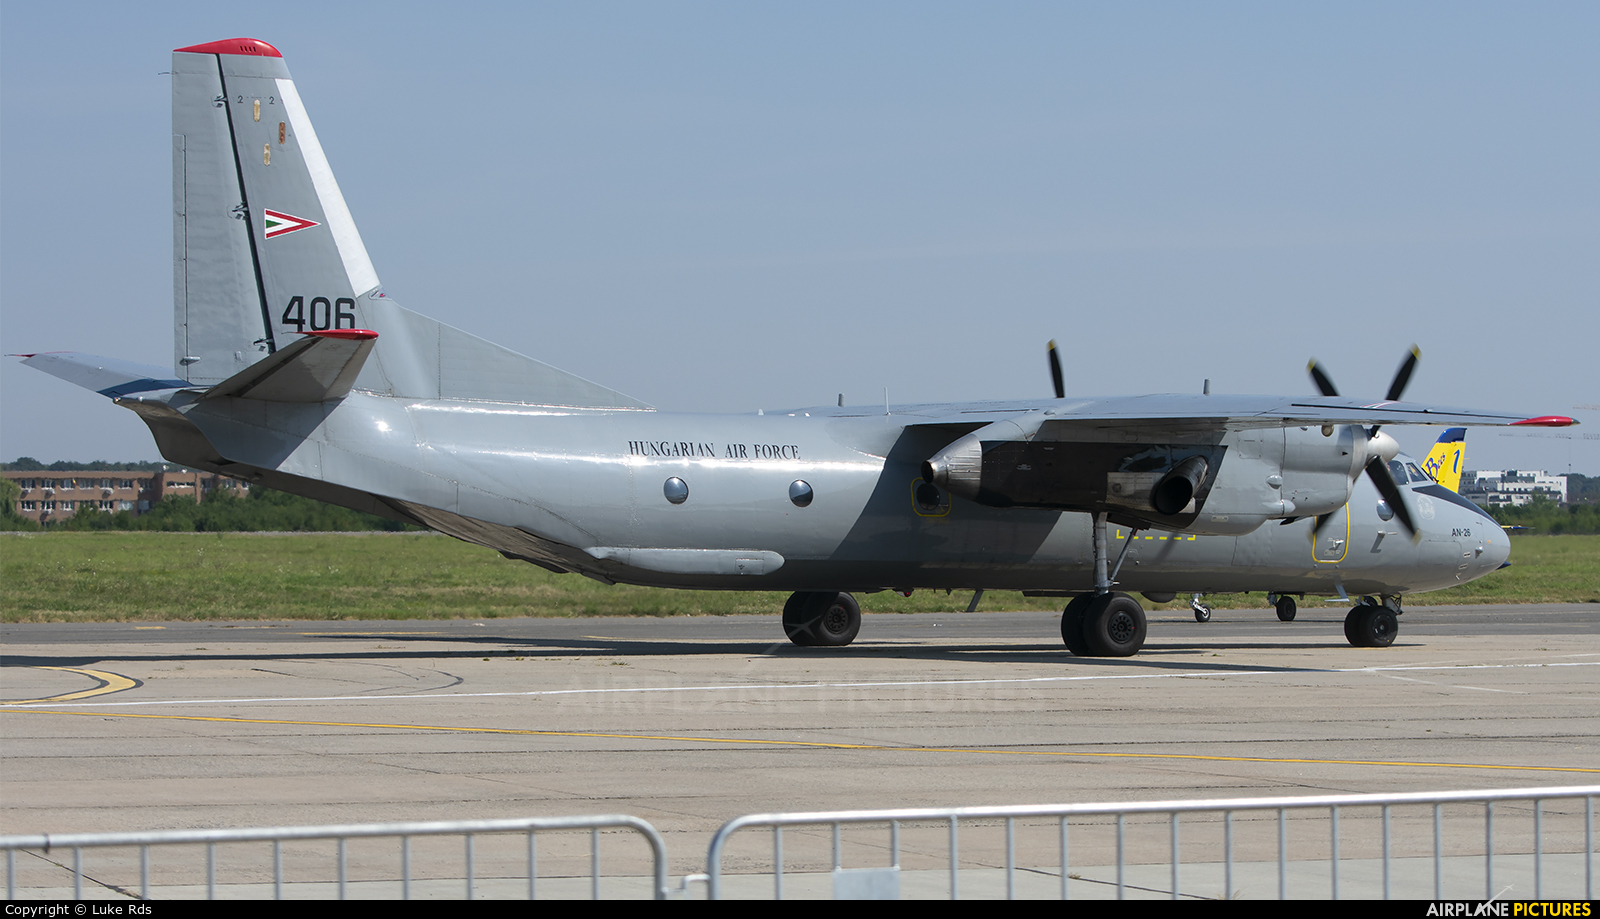 Hungary - Air Force 406 aircraft at Bucharest - Aurel Vlaicu Intl